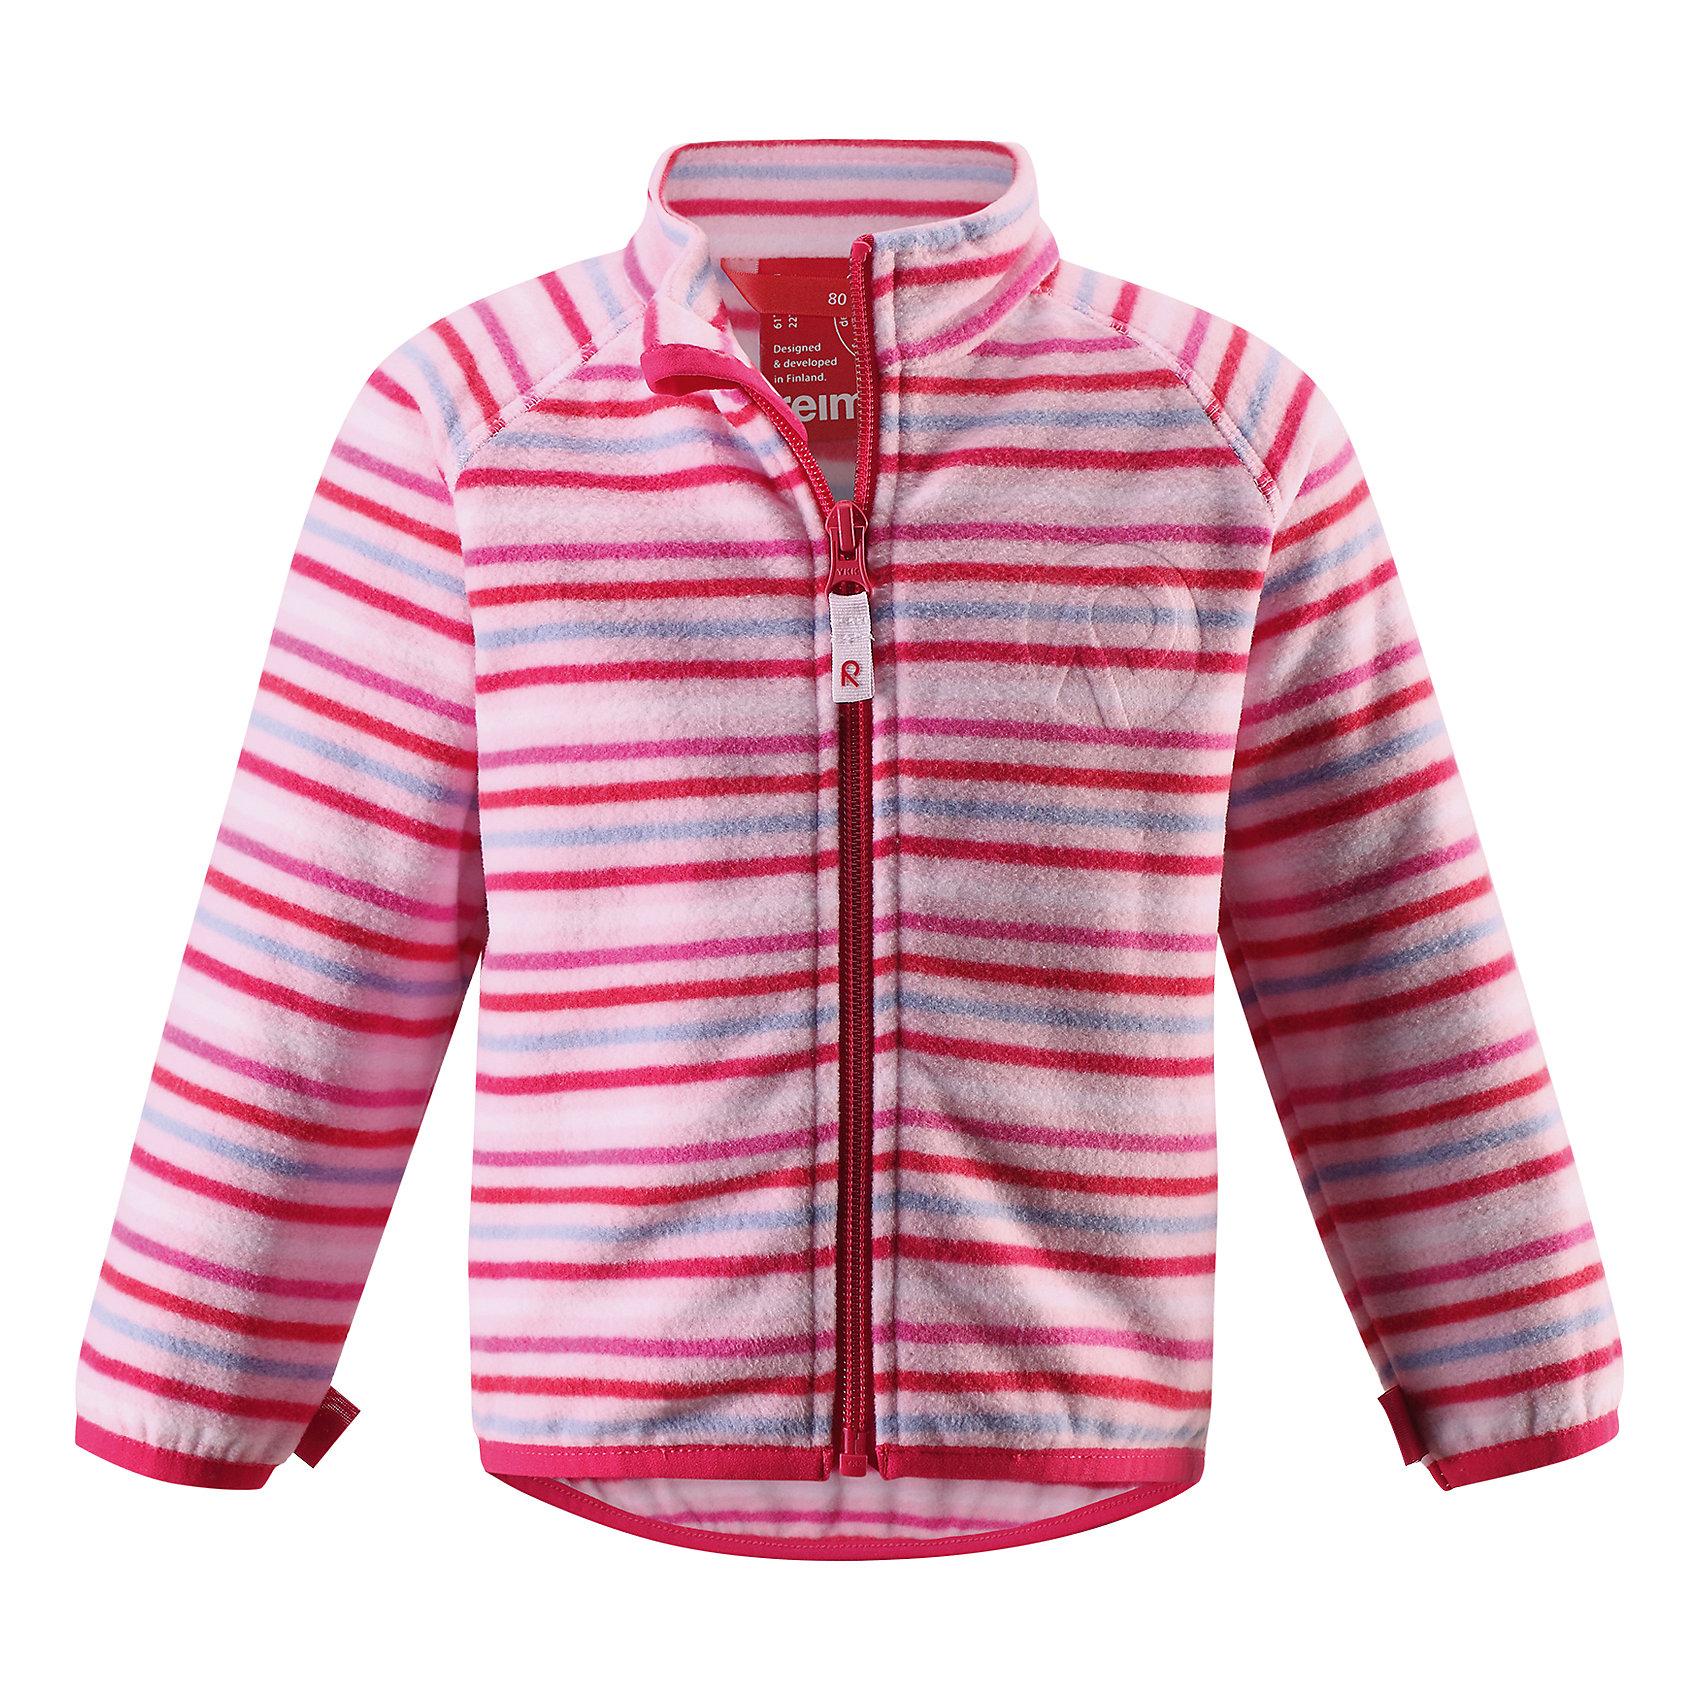 Куртка Nuoto для девочки флисовая ReimaОдежда<br>Характеристики товара:<br><br>• цвет: розовый<br>• состав: 100% полиэстер, флис<br>• тёплый, лёгкий и быстросохнущий полярный флис<br>• пристёгивается к верхней одежде Reima с помощью системы кнопок Play Layers<br>• эластичные манжеты и подол<br>• молния во всю длину со вставкой для защиты подбородка<br>• модель с горячим тиснением<br>• комфортная посадка<br>• страна производства: Китай<br>• страна бренда: Финляндия<br>• коллекция: весна-лето 2017<br><br>Одежда для детей может быть модной и комфортной одновременно! Удобная курточка поможет обеспечить ребенку комфорт и тепло. Изделие сшито из флиса - мягкого и теплого материала, приятного на ощупь. Модель стильно смотрится, отлично сочетается с различным низом. Стильный дизайн разрабатывался специально для детей.<br><br>Одежда и обувь от финского бренда Reima пользуется популярностью во многих странах. Эти изделия стильные, качественные и удобные. Для производства продукции используются только безопасные, проверенные материалы и фурнитура. Порадуйте ребенка модными и красивыми вещами от Reima! <br><br>Куртку флисовую для мальчика от финского бренда Reima (Рейма) можно купить в нашем интернет-магазине.<br><br>Ширина мм: 356<br>Глубина мм: 10<br>Высота мм: 245<br>Вес г: 519<br>Цвет: розовый<br>Возраст от месяцев: 24<br>Возраст до месяцев: 36<br>Пол: Женский<br>Возраст: Детский<br>Размер: 98,74,80,86,92<br>SKU: 5271283